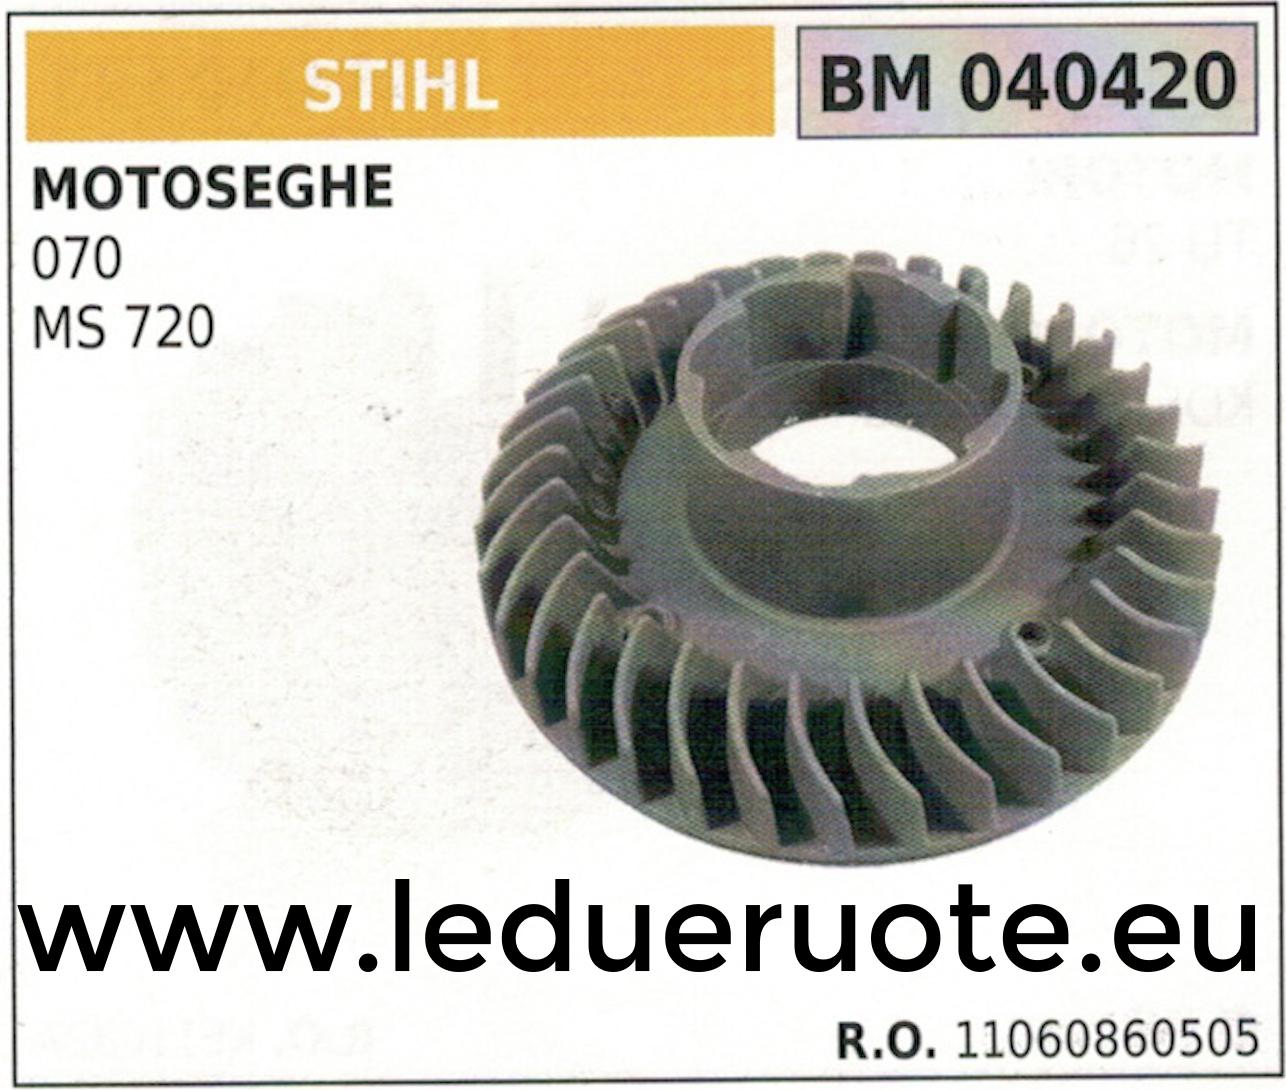 11060860505 VOLANO MAGNETICO magnete ventola MOTOSEGA STIHL 070 MS 270